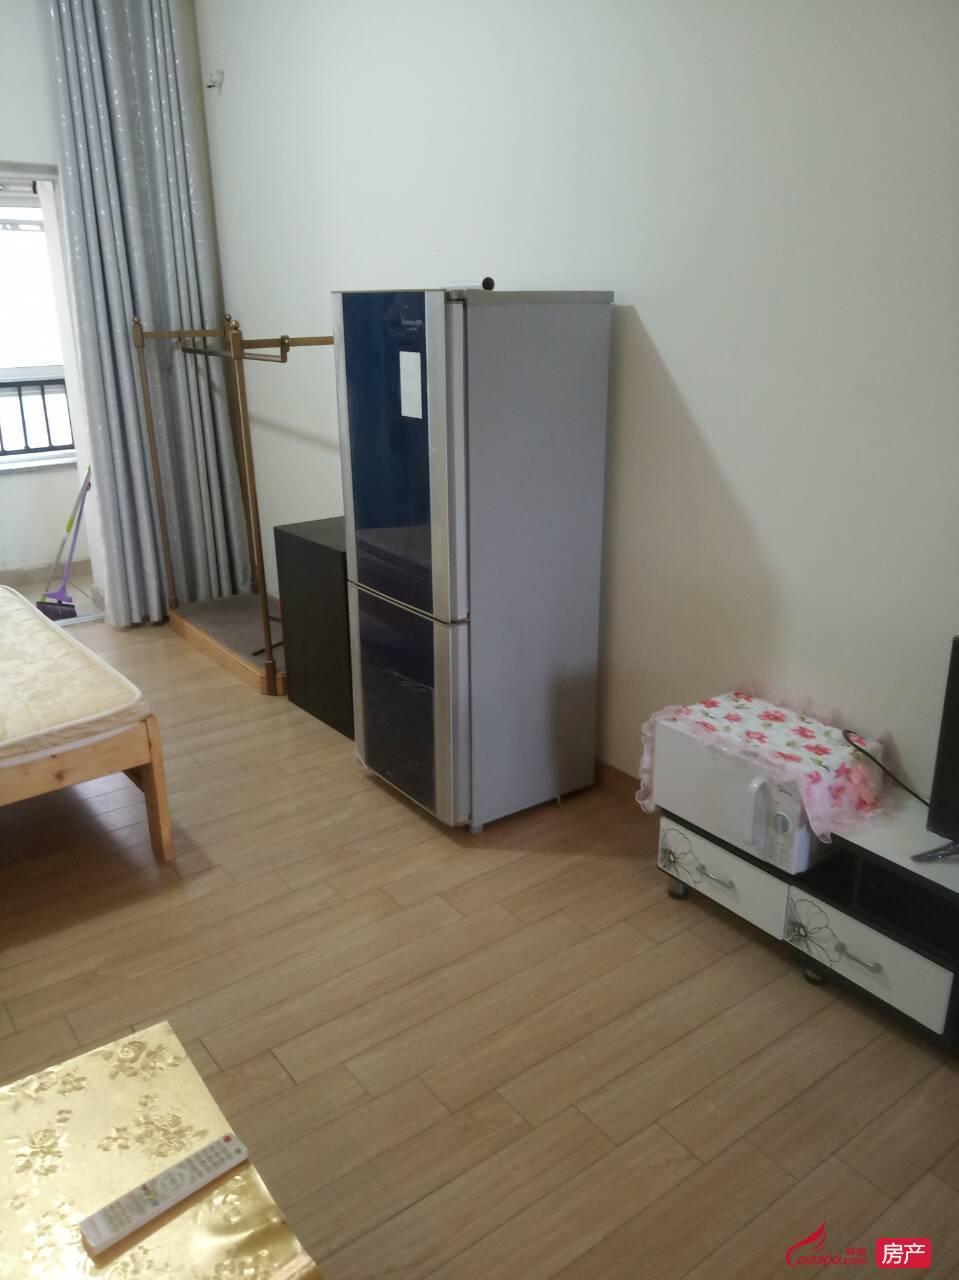 丹阳本人自己的碧桂园公寓出租